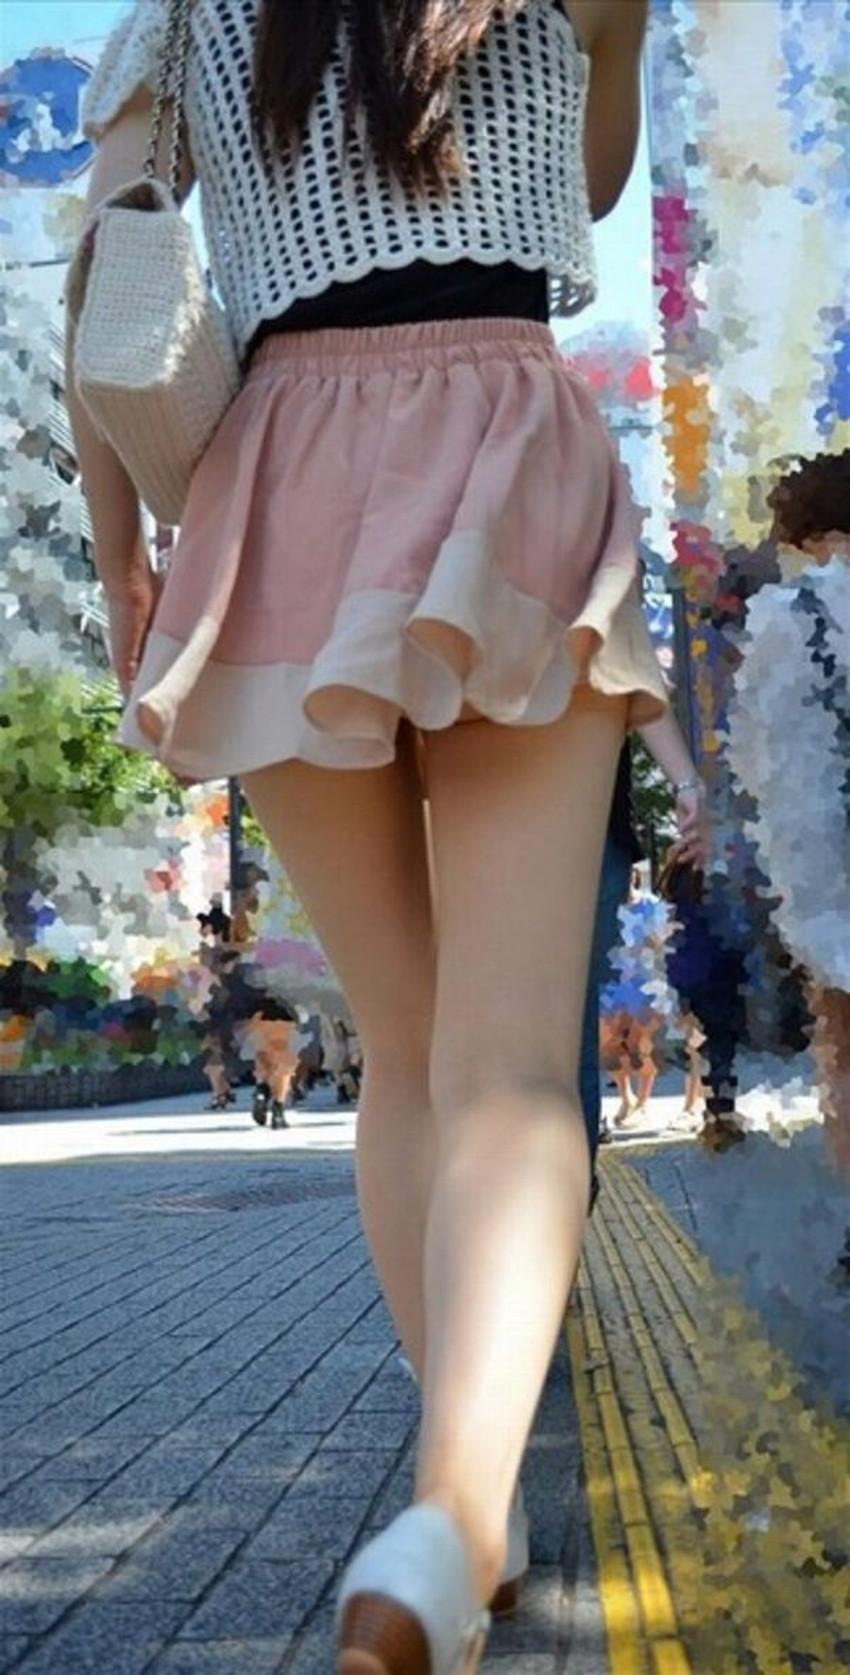 【ミニスカ素人エロ画像】階段やエスカでパンチラ必死のミニスカ履いてる素人ギャルを隠し撮りしたミニスカ素人のエロ画像集!ww【80枚】 66